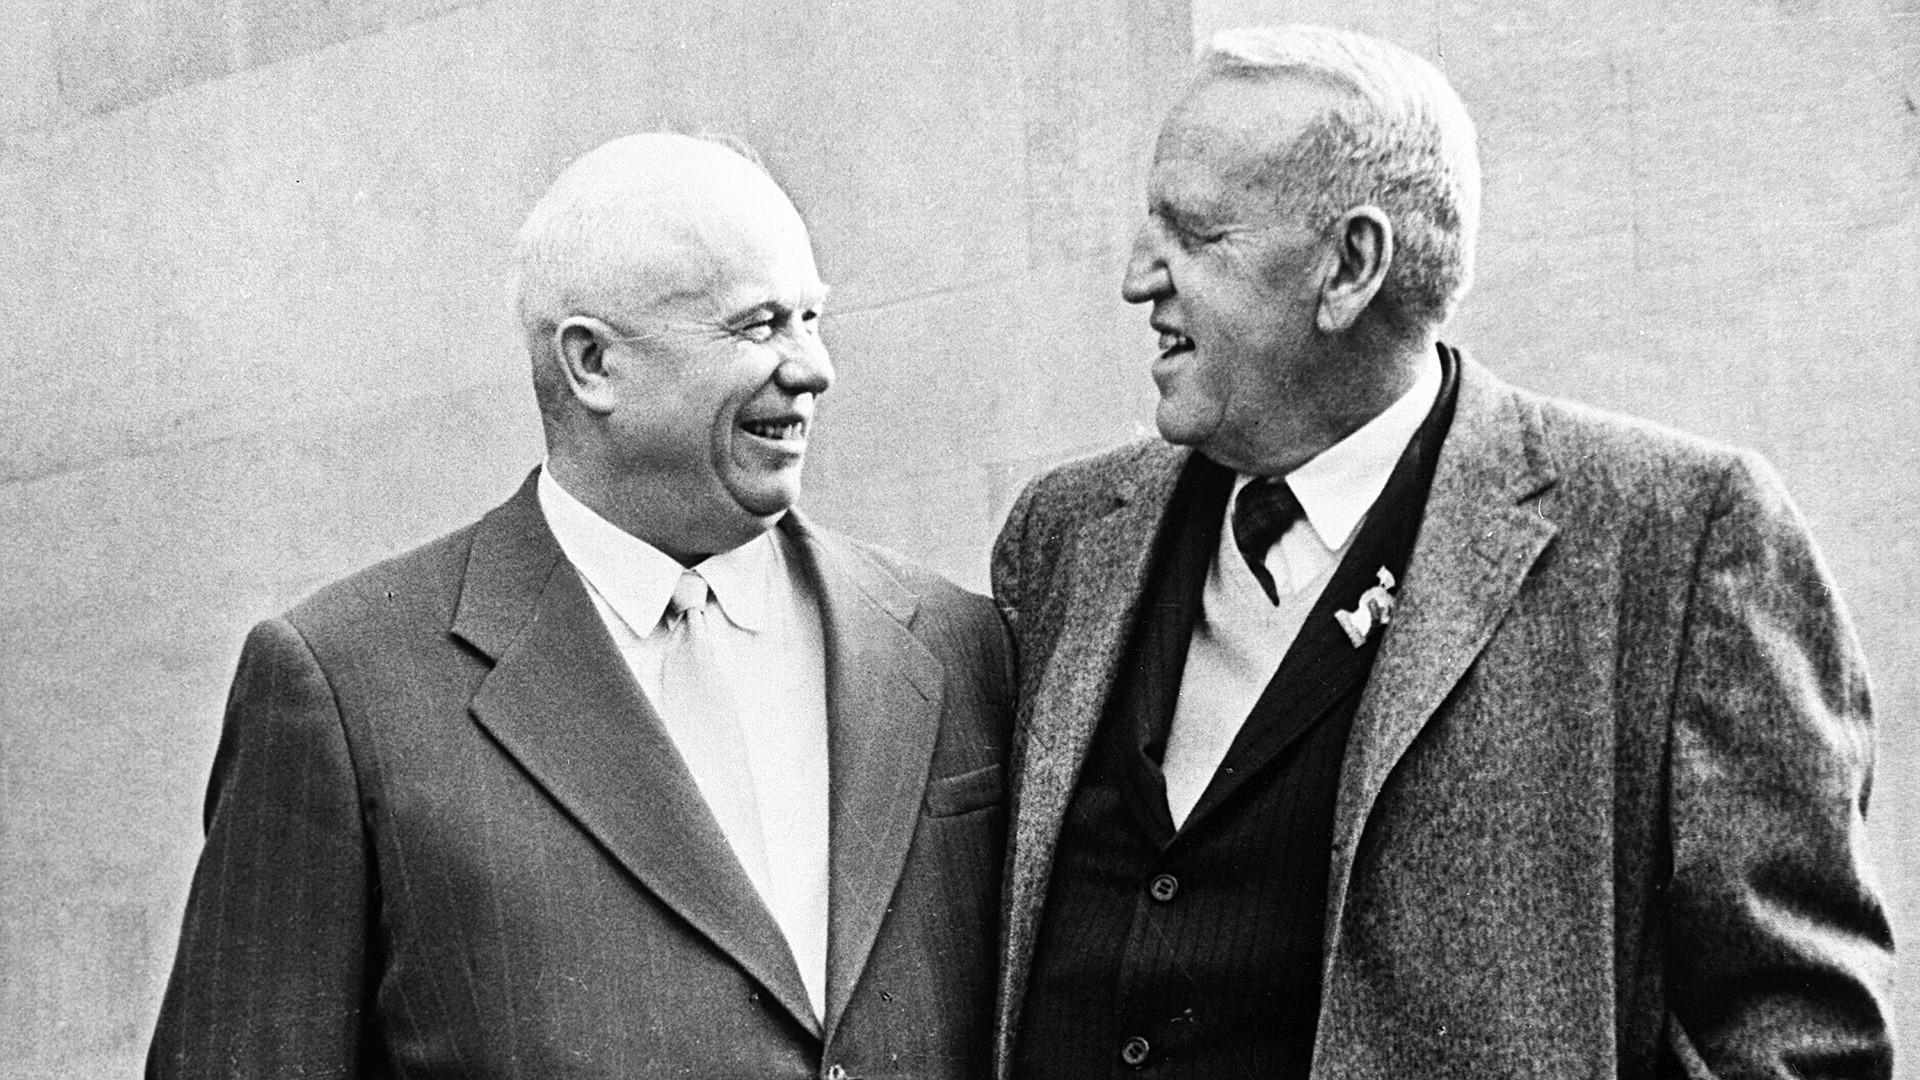 Nikita Khrouchtchev (1894-1971), premier secrétaire du Comité central du PCUS, à gauche, et Roswell Garst, agriculteur américain.